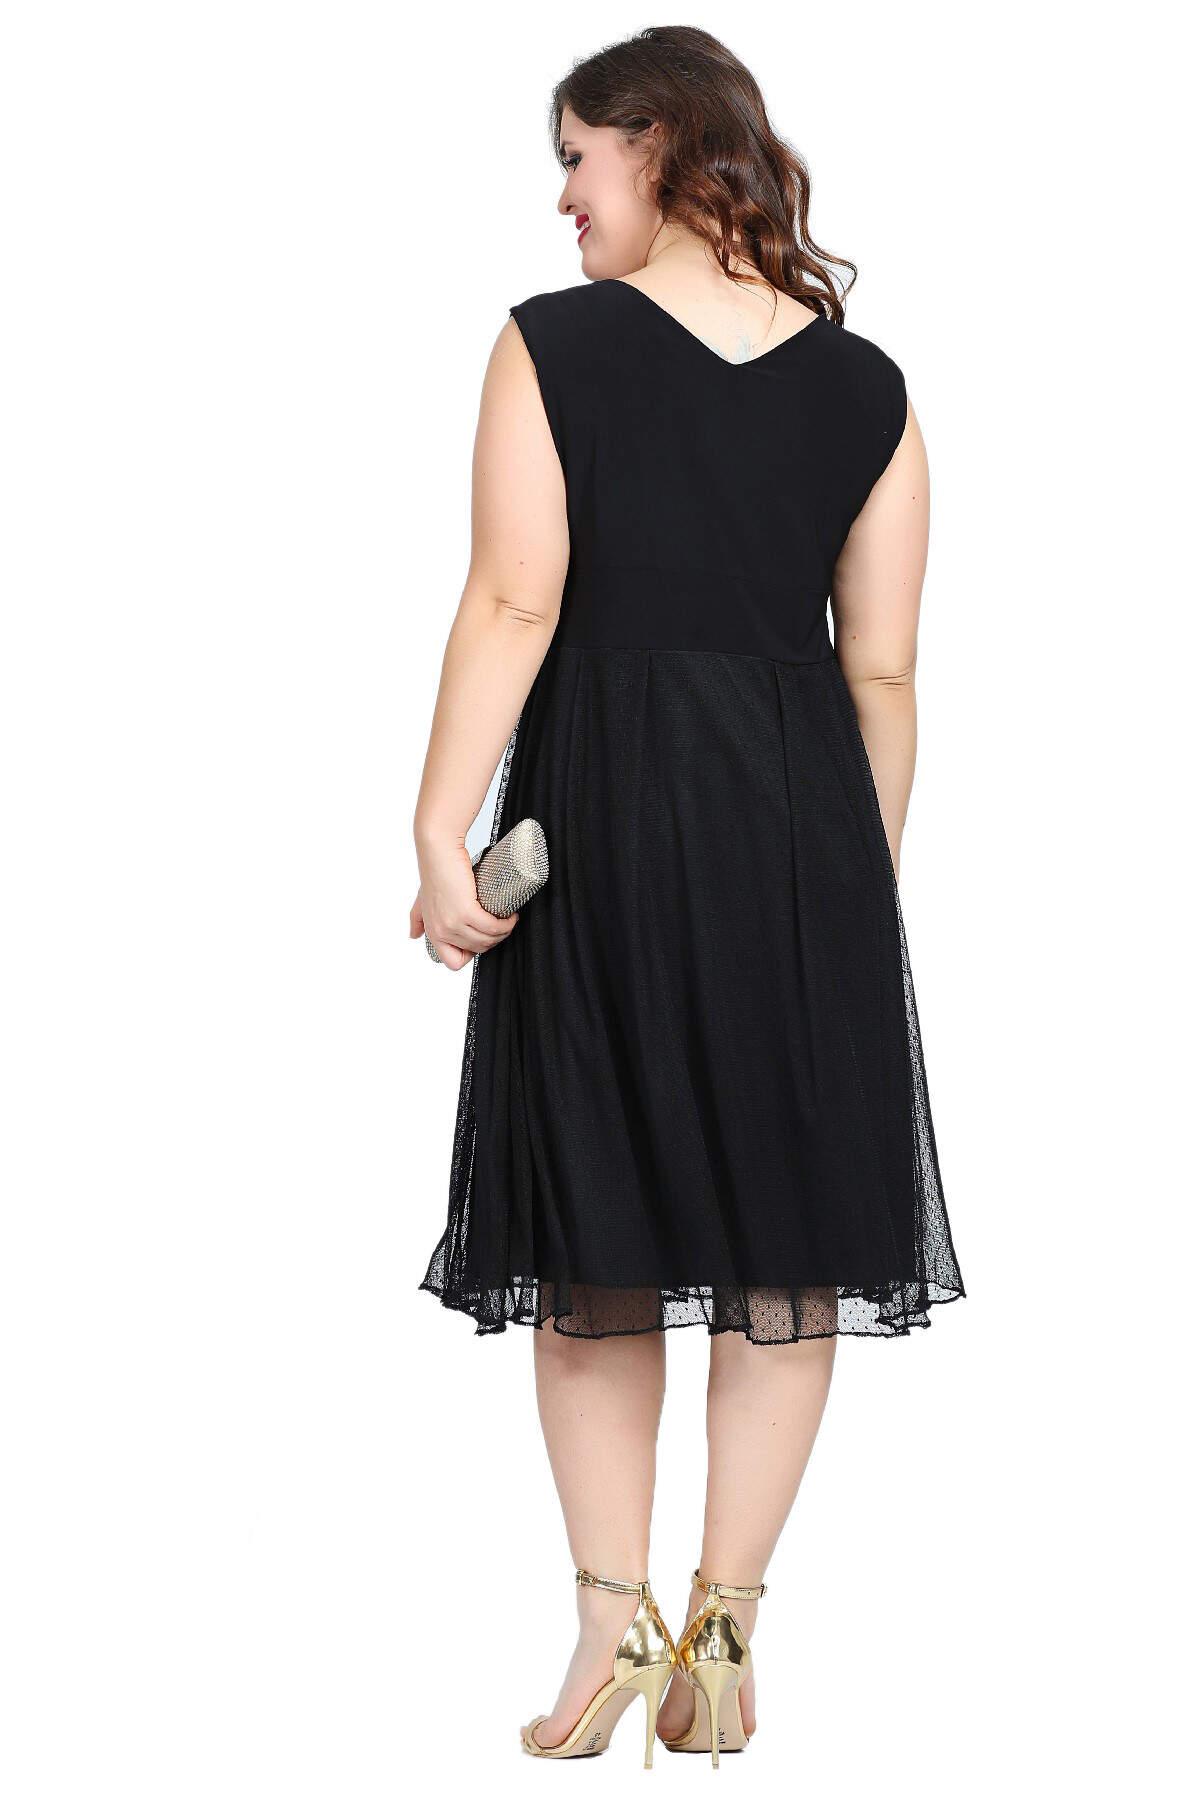 Büyük Beden Puantiye Tüllü Mini Abiye Elbise KL7878 Siyah